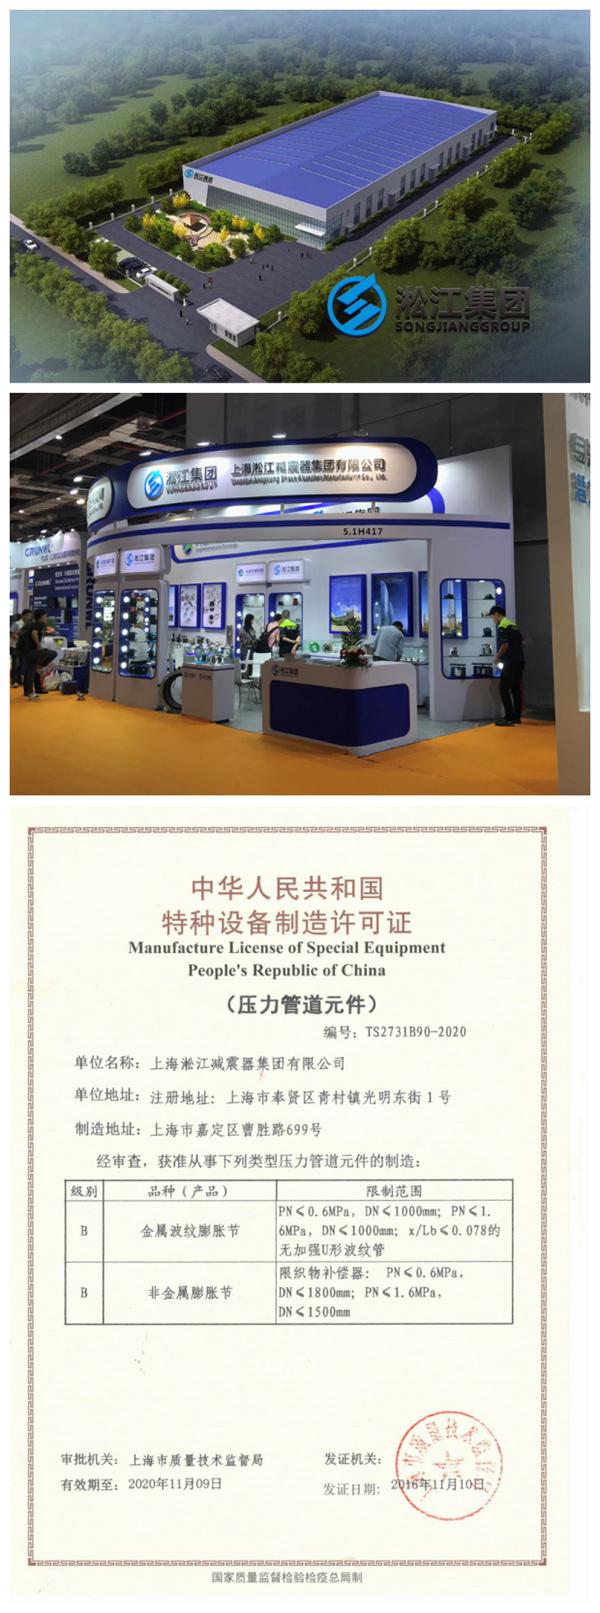 上海常温水橡胶软件,口径DN150,含税含运费